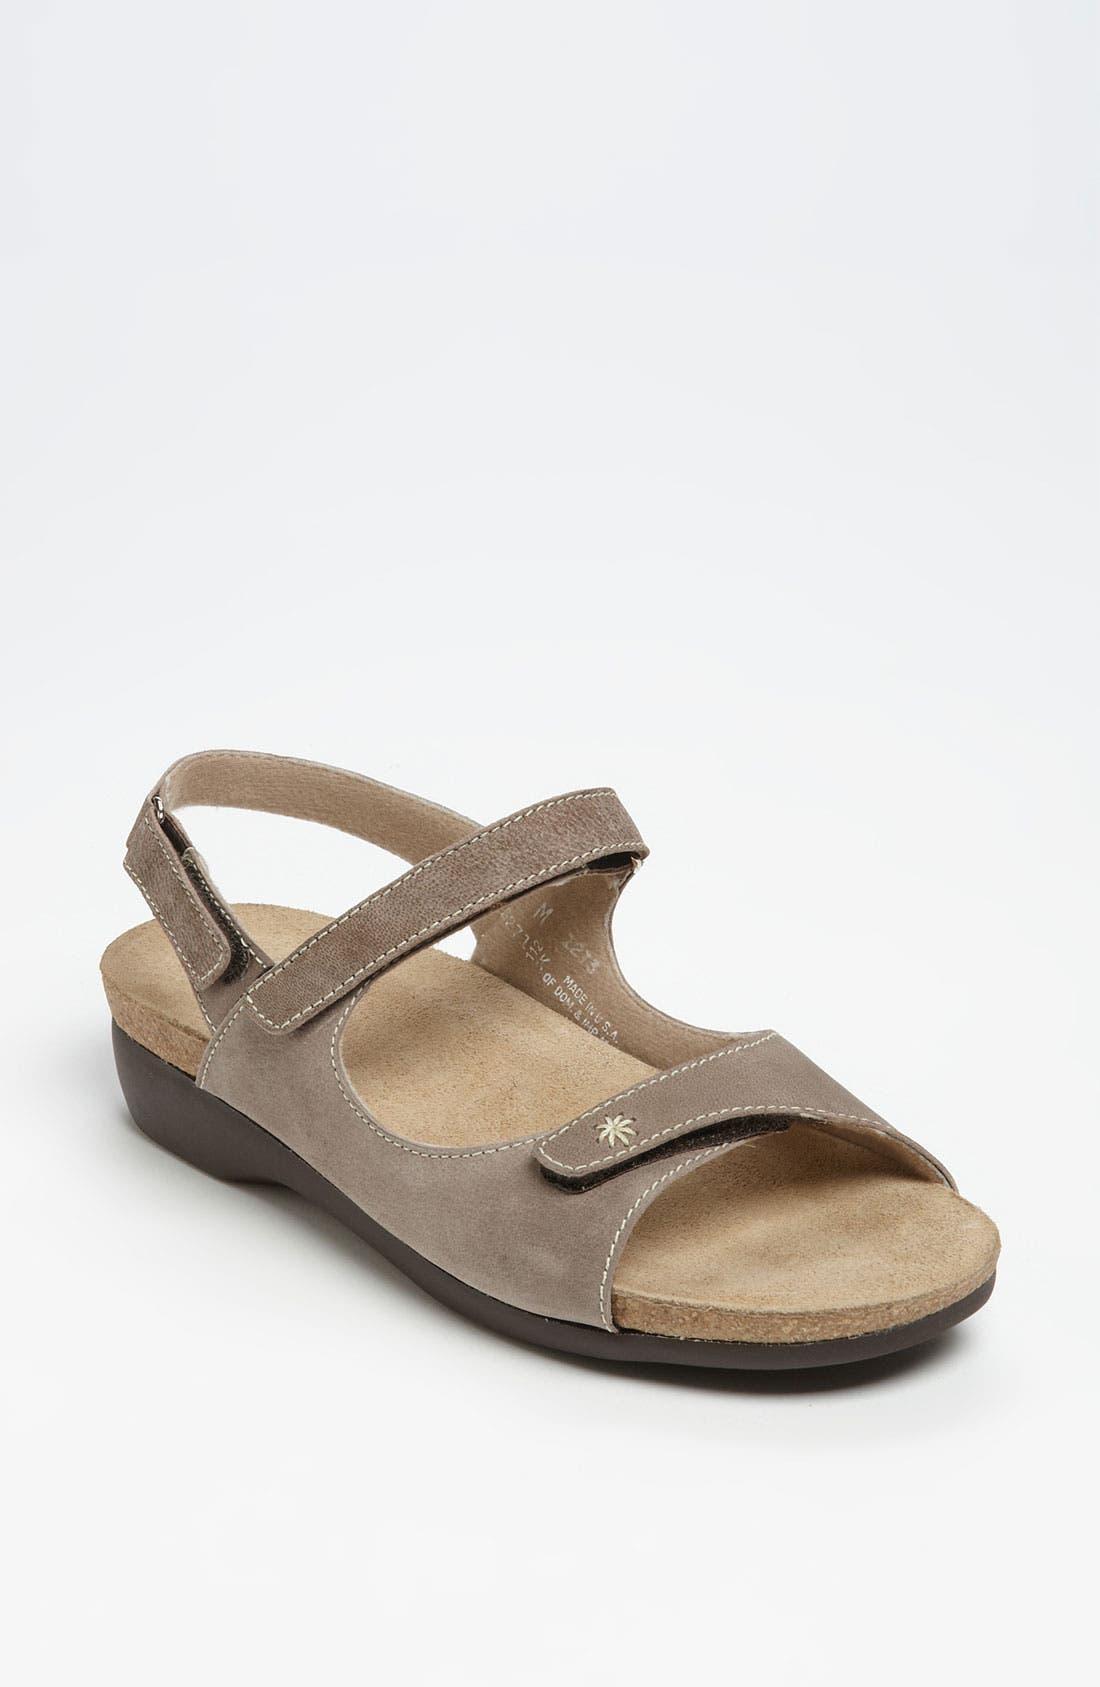 Main Image - Munro 'Gemini' Sandal